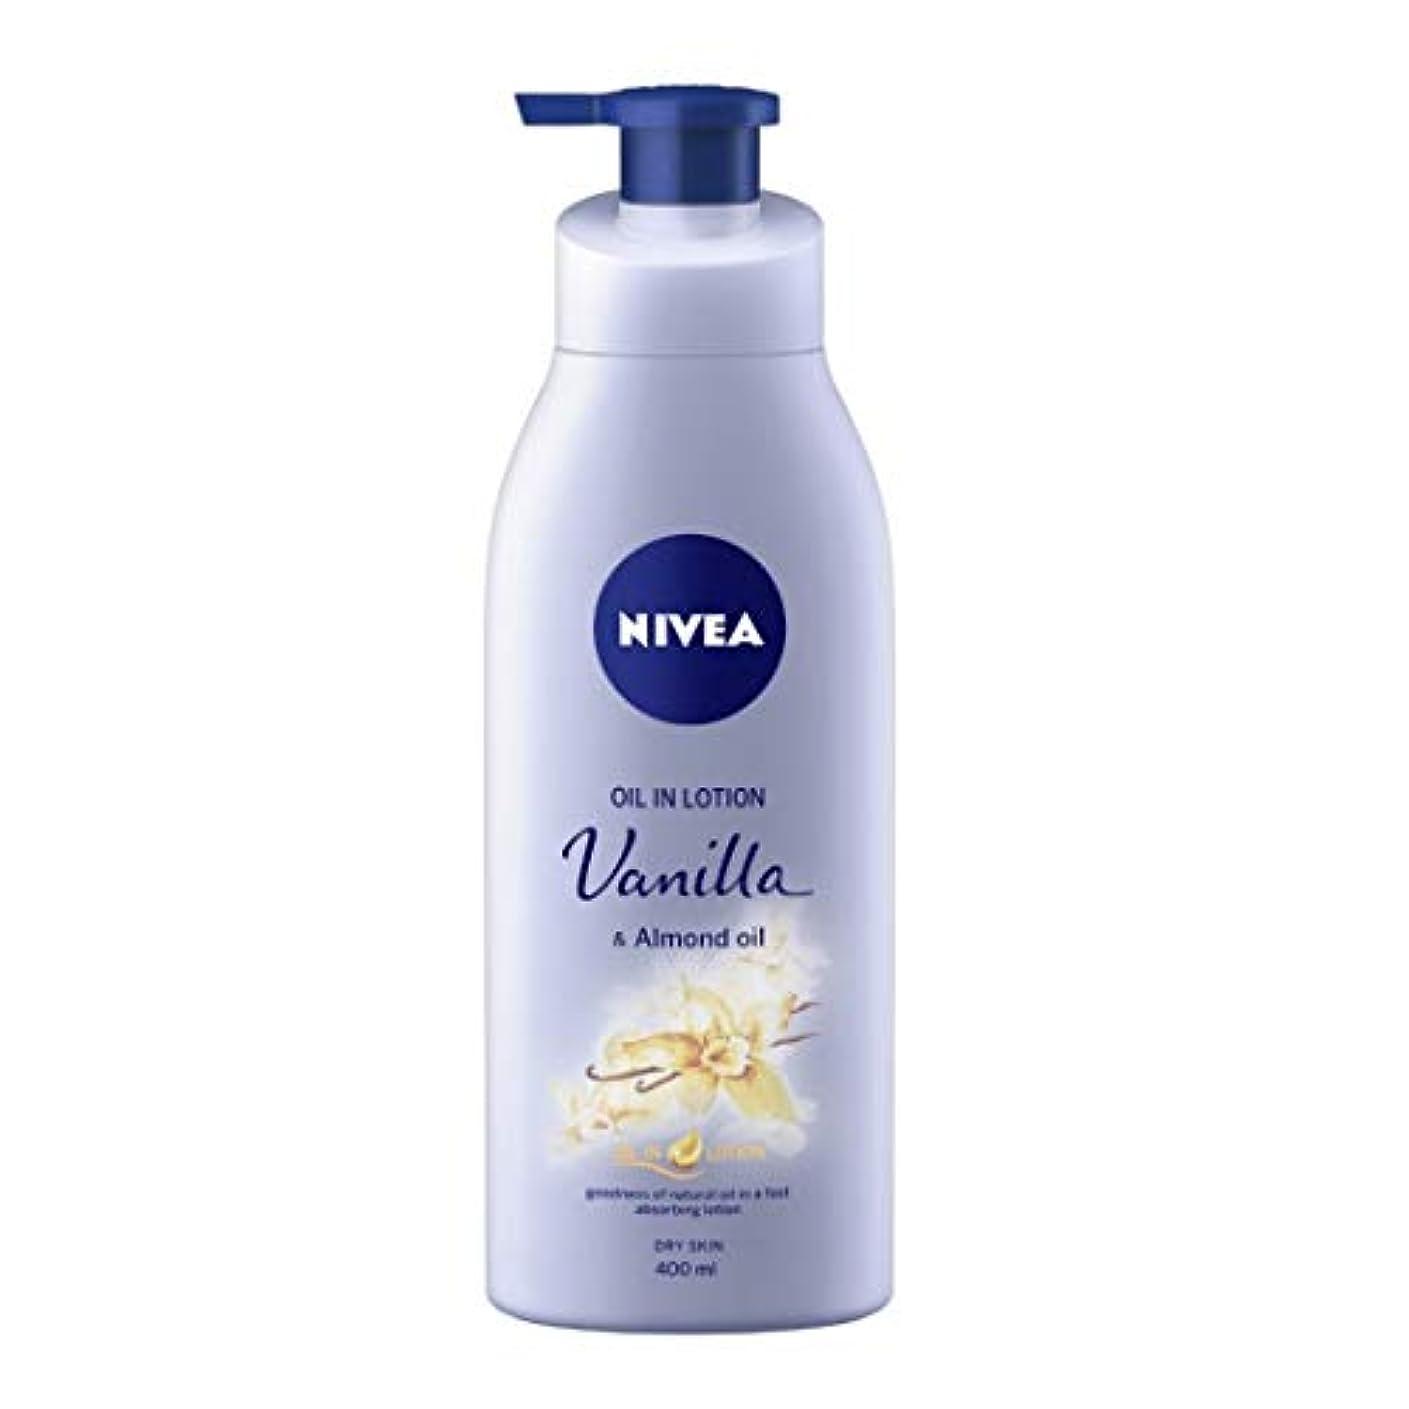 壁紙電球相手NIVEA Oil in Lotion, Vanilla and Almond Oil, 400ml